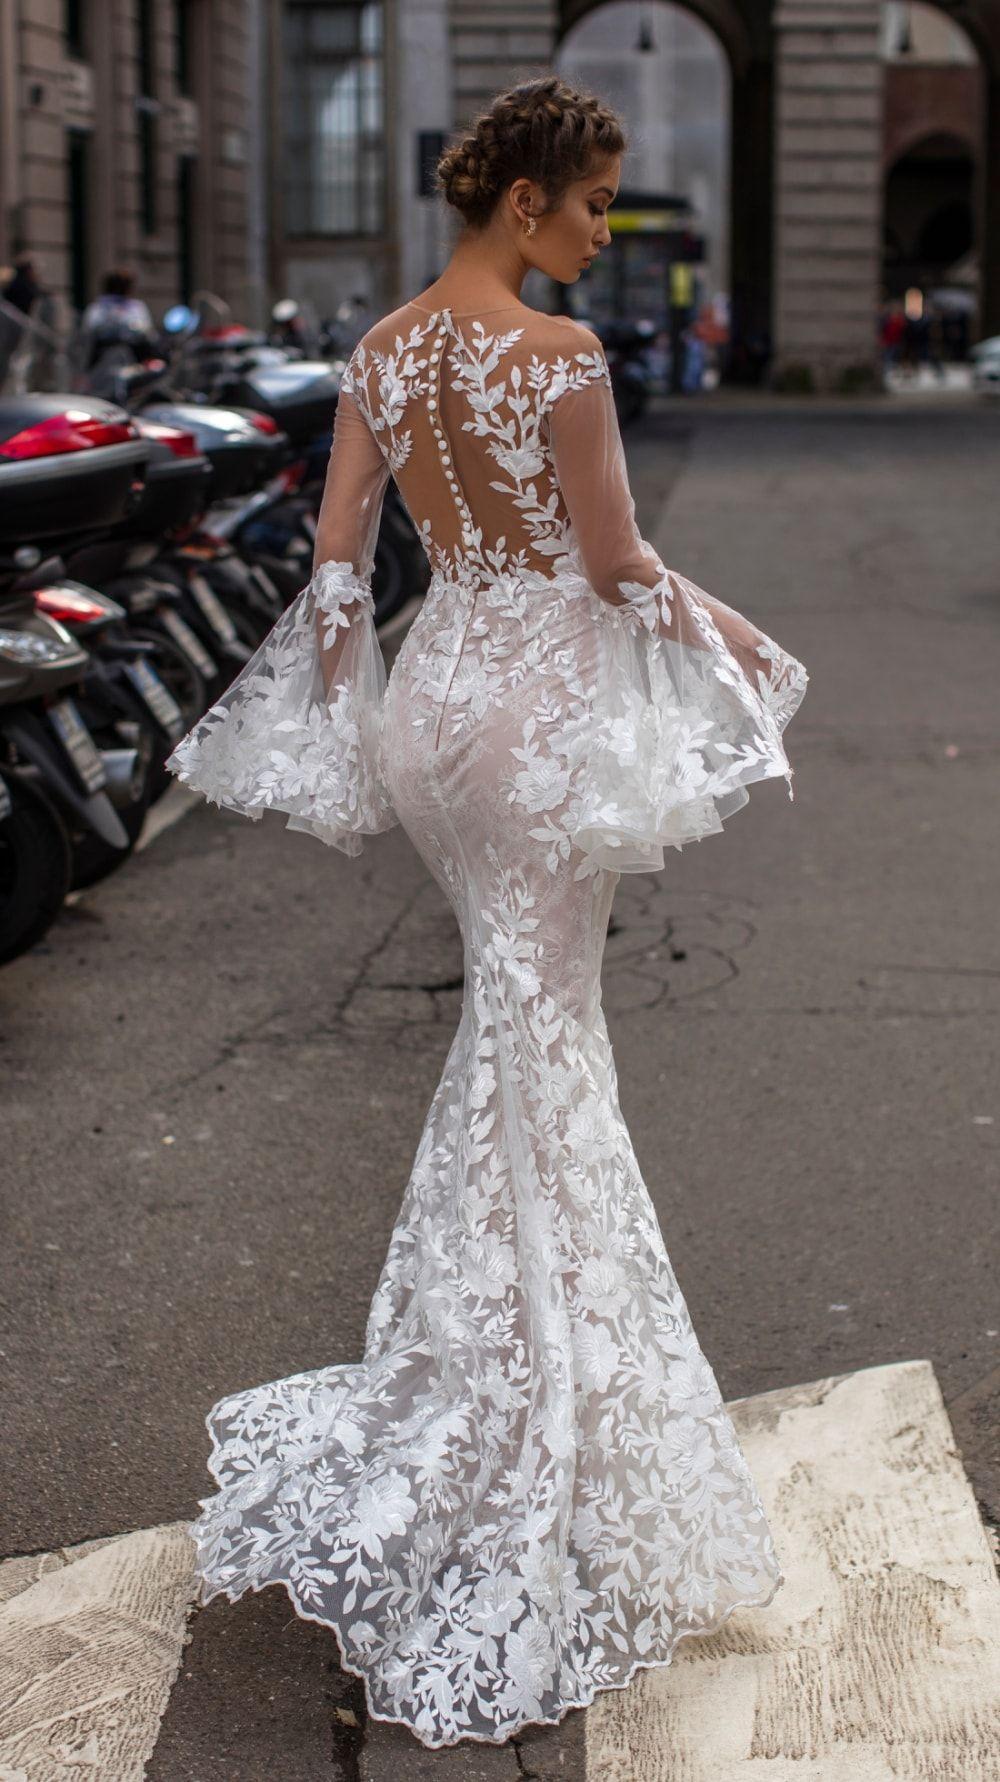 Wedding Dresses By Tarik Ediz The White Collection 2019 Dress For The Wedding Wedding Dresses Wedding Dresses Lace Bridal Dresses